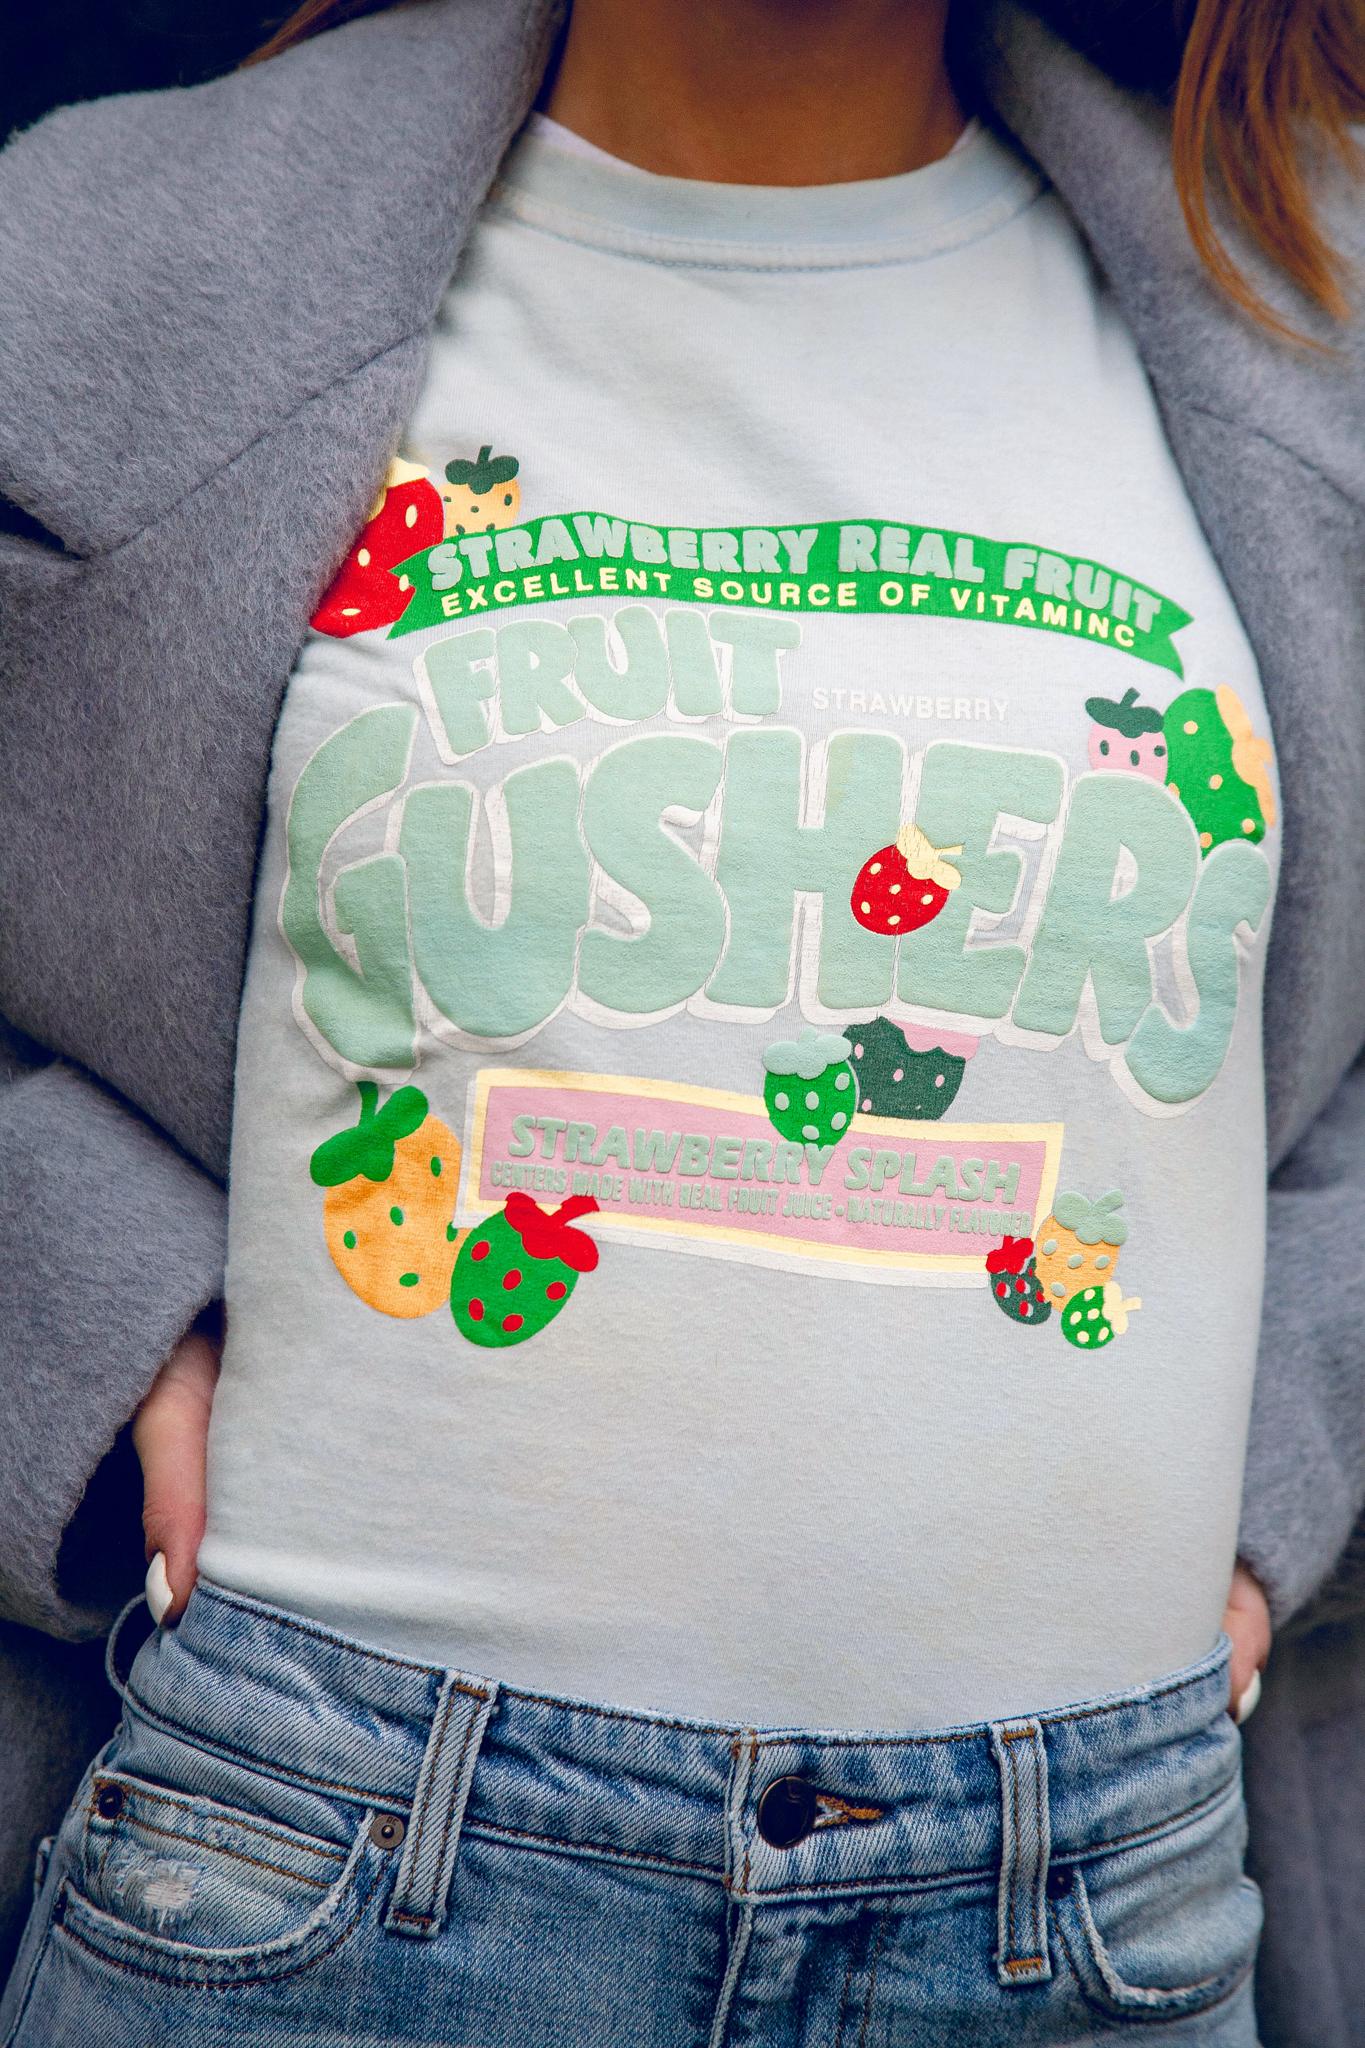 Vintage Fruit Gushers tee